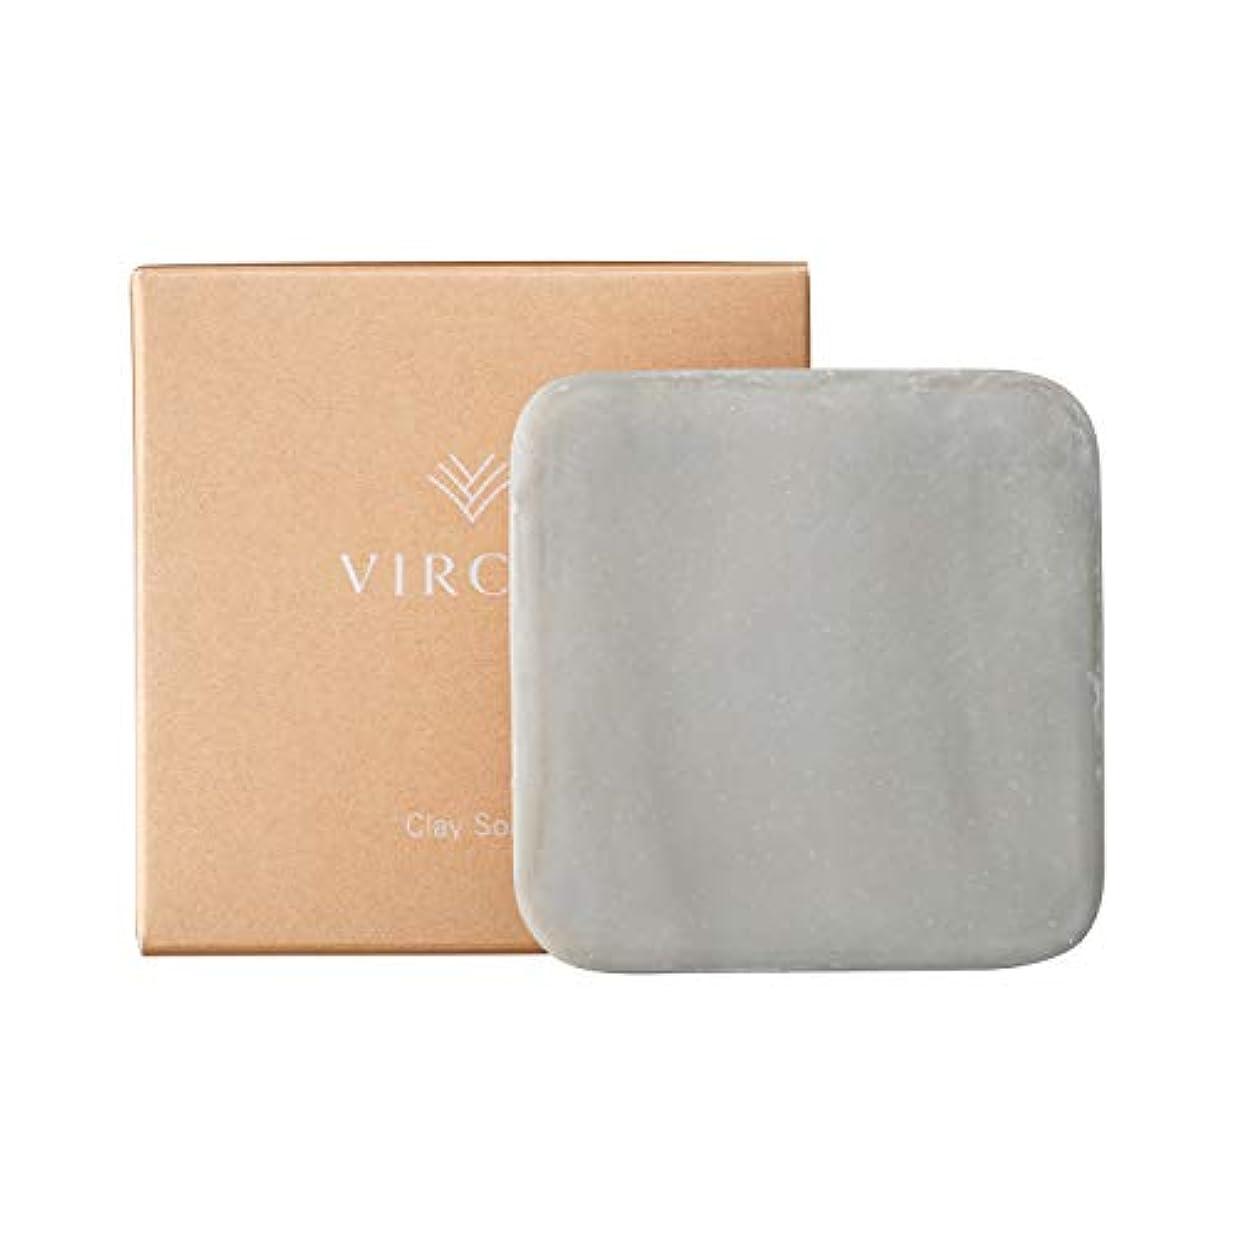 約設定過剰忌避剤クレイソープ/マルラオイル(Marula Oil)配合/天然クレイと美容成分で肌をいたわる洗顔/80g(約60日分)